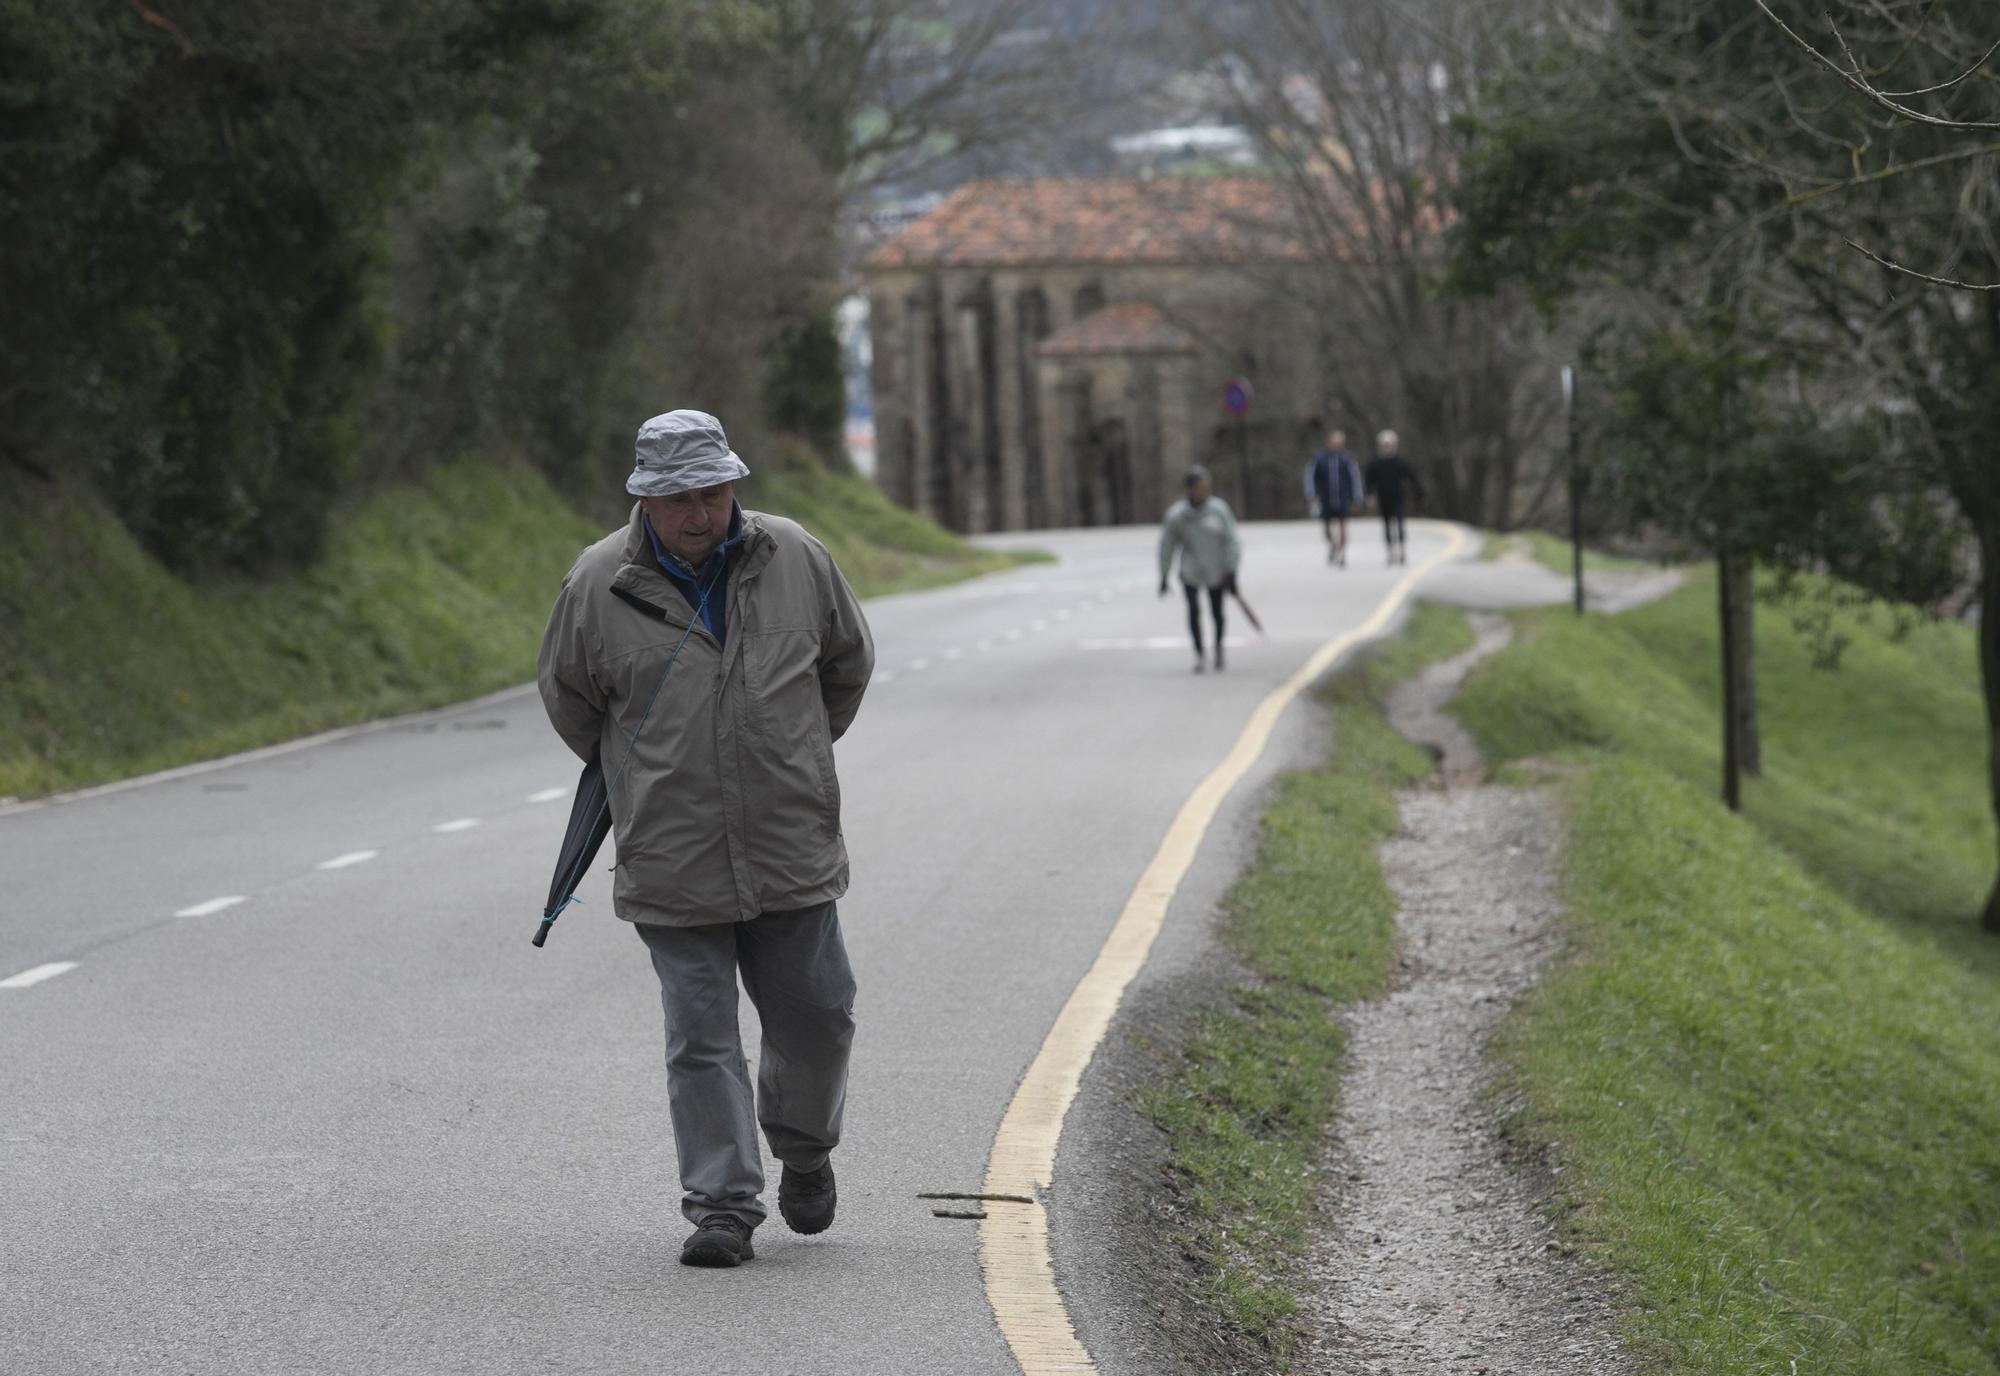 Paseo por el Naranco (Oviedo). Miki López.jpg